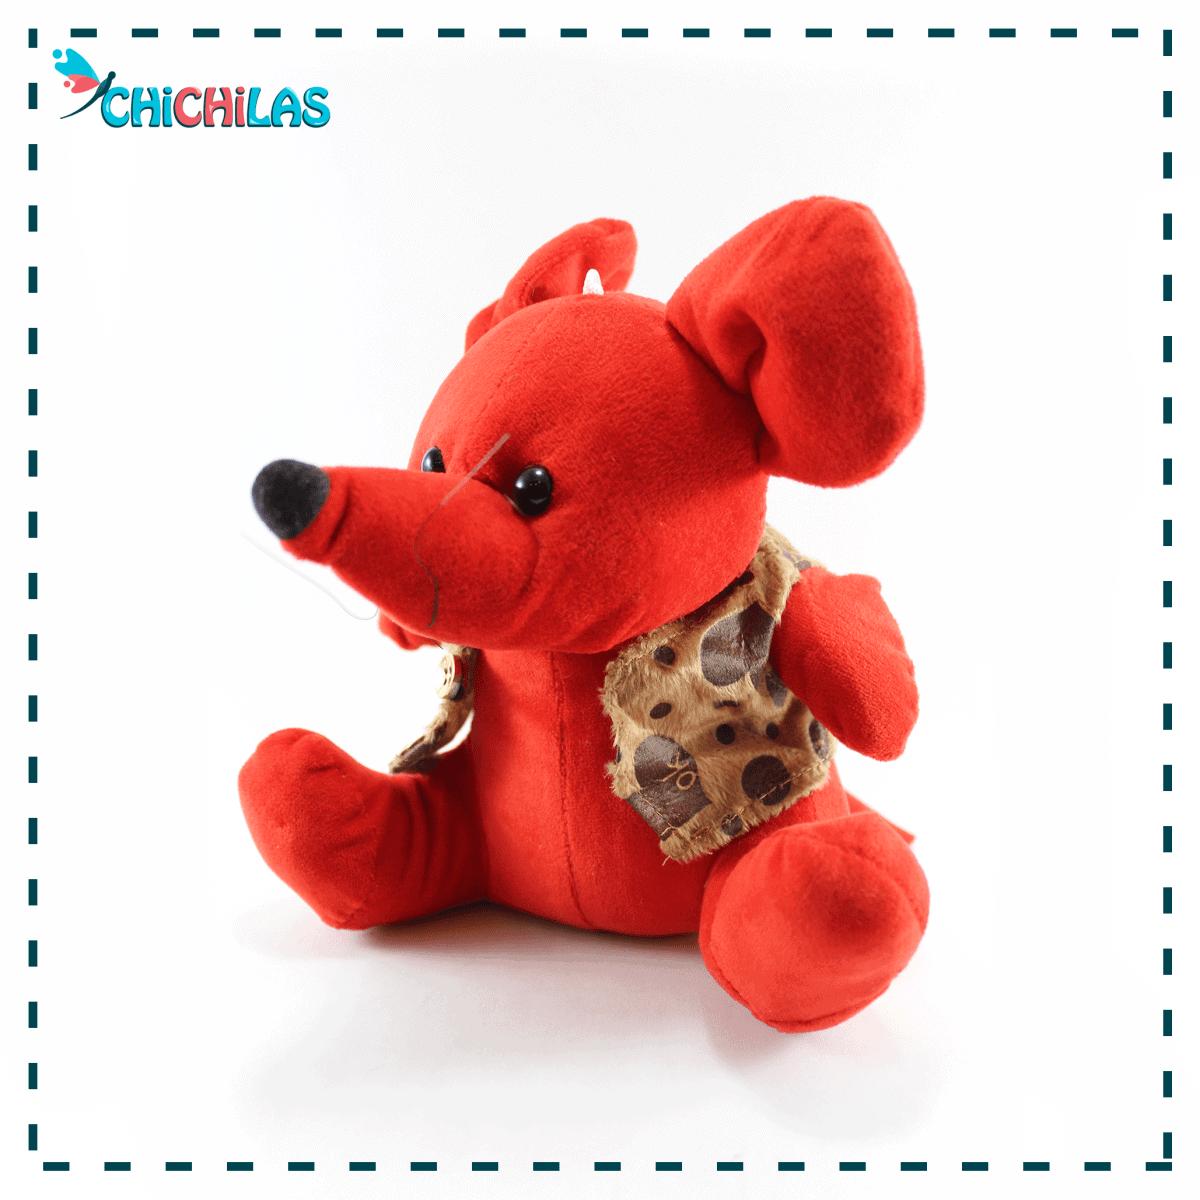 عروسک موش قرمز ولنتاین - خرید عروسک موش قرمز - عروسک امسال ولنتاین - فروشگاه عروسک - چیچیلاس